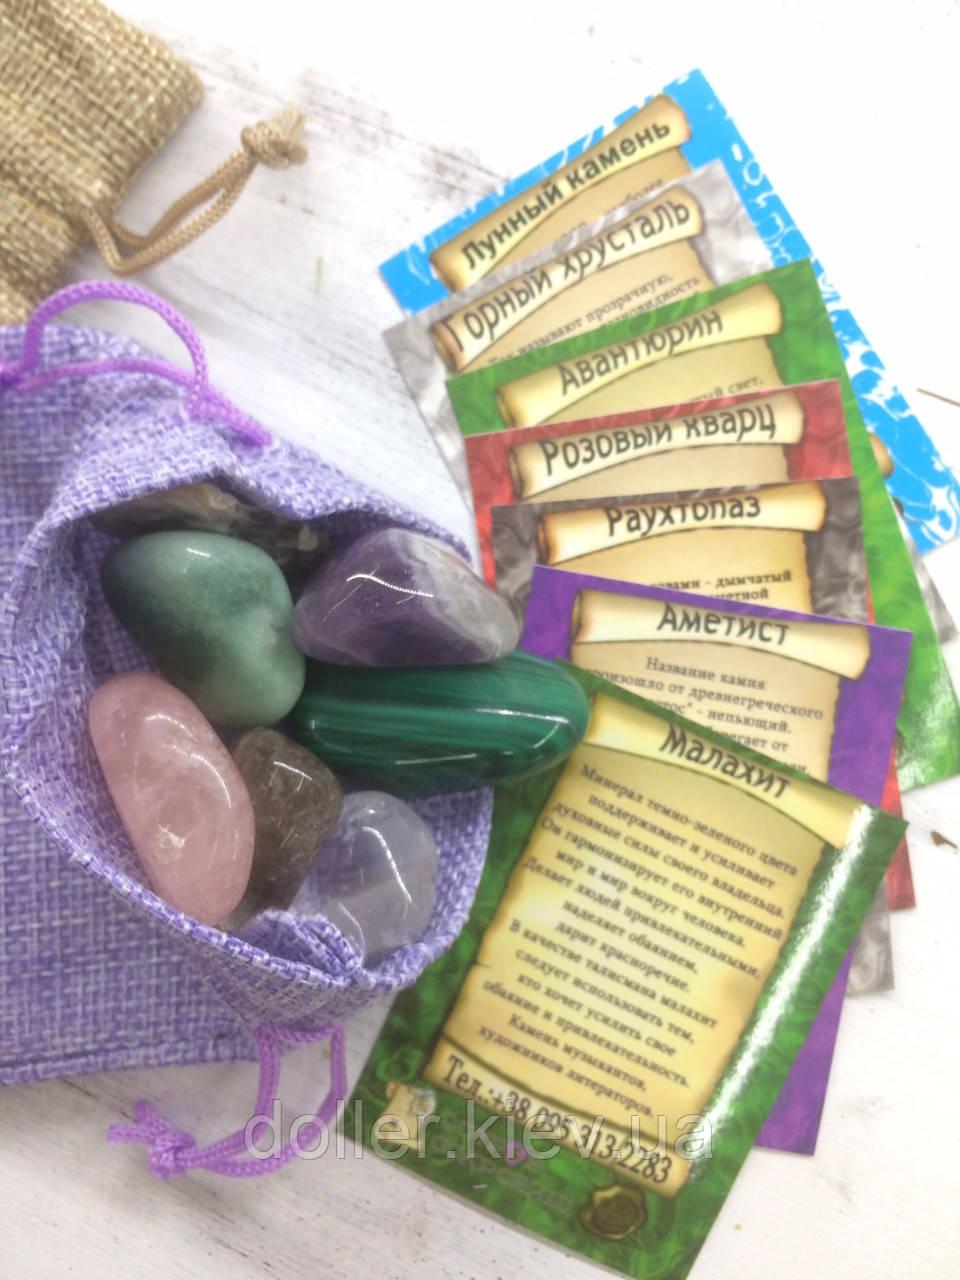 Камень Помогает Похудеть. Магические свойства камней для похудения. Поможет ли камень для похудения убрать лишние килограммы